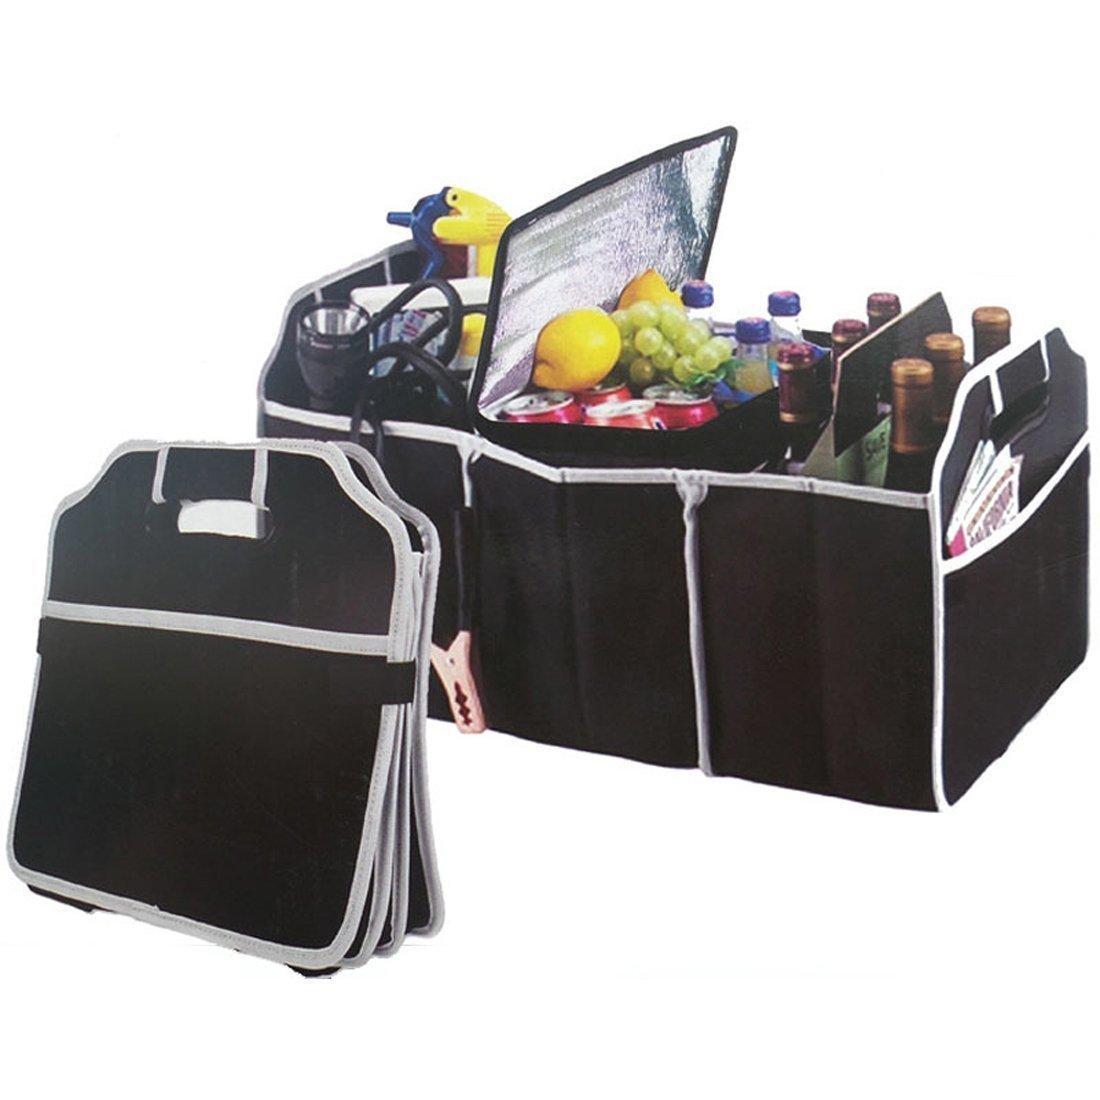 Não-tecido Maleta Do Carro de Tecido Organizador Dobrável Saco De Caixa De Armazenamento para o Livro Do Brinquedo De Alimentos Diversos Colth Armazenamento para Viajar Camping